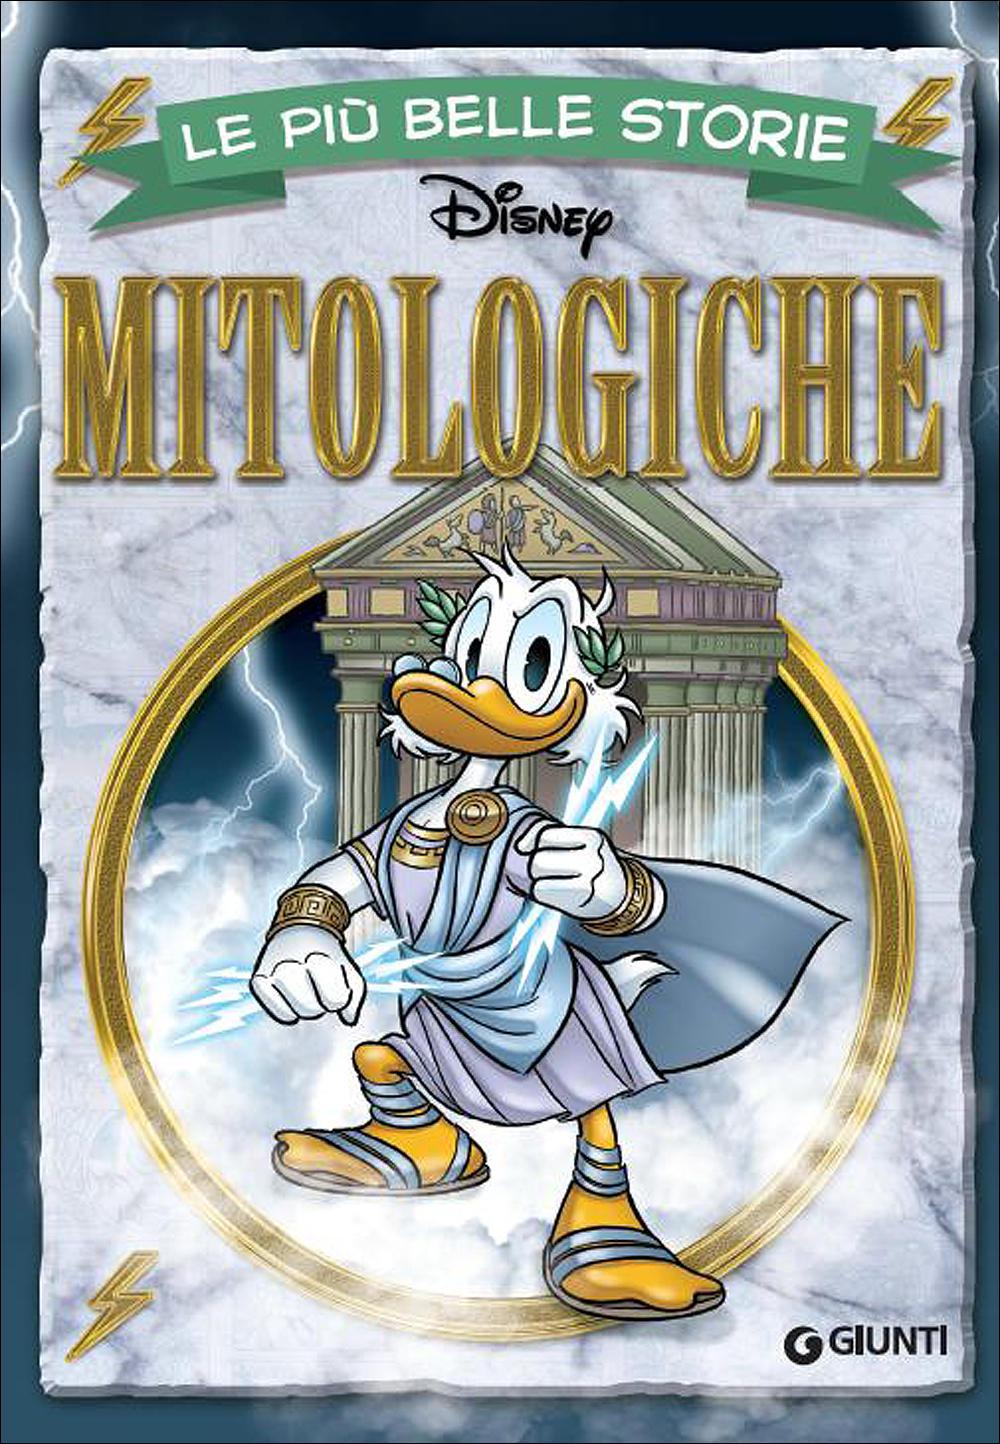 Le più belle storie Mitologiche